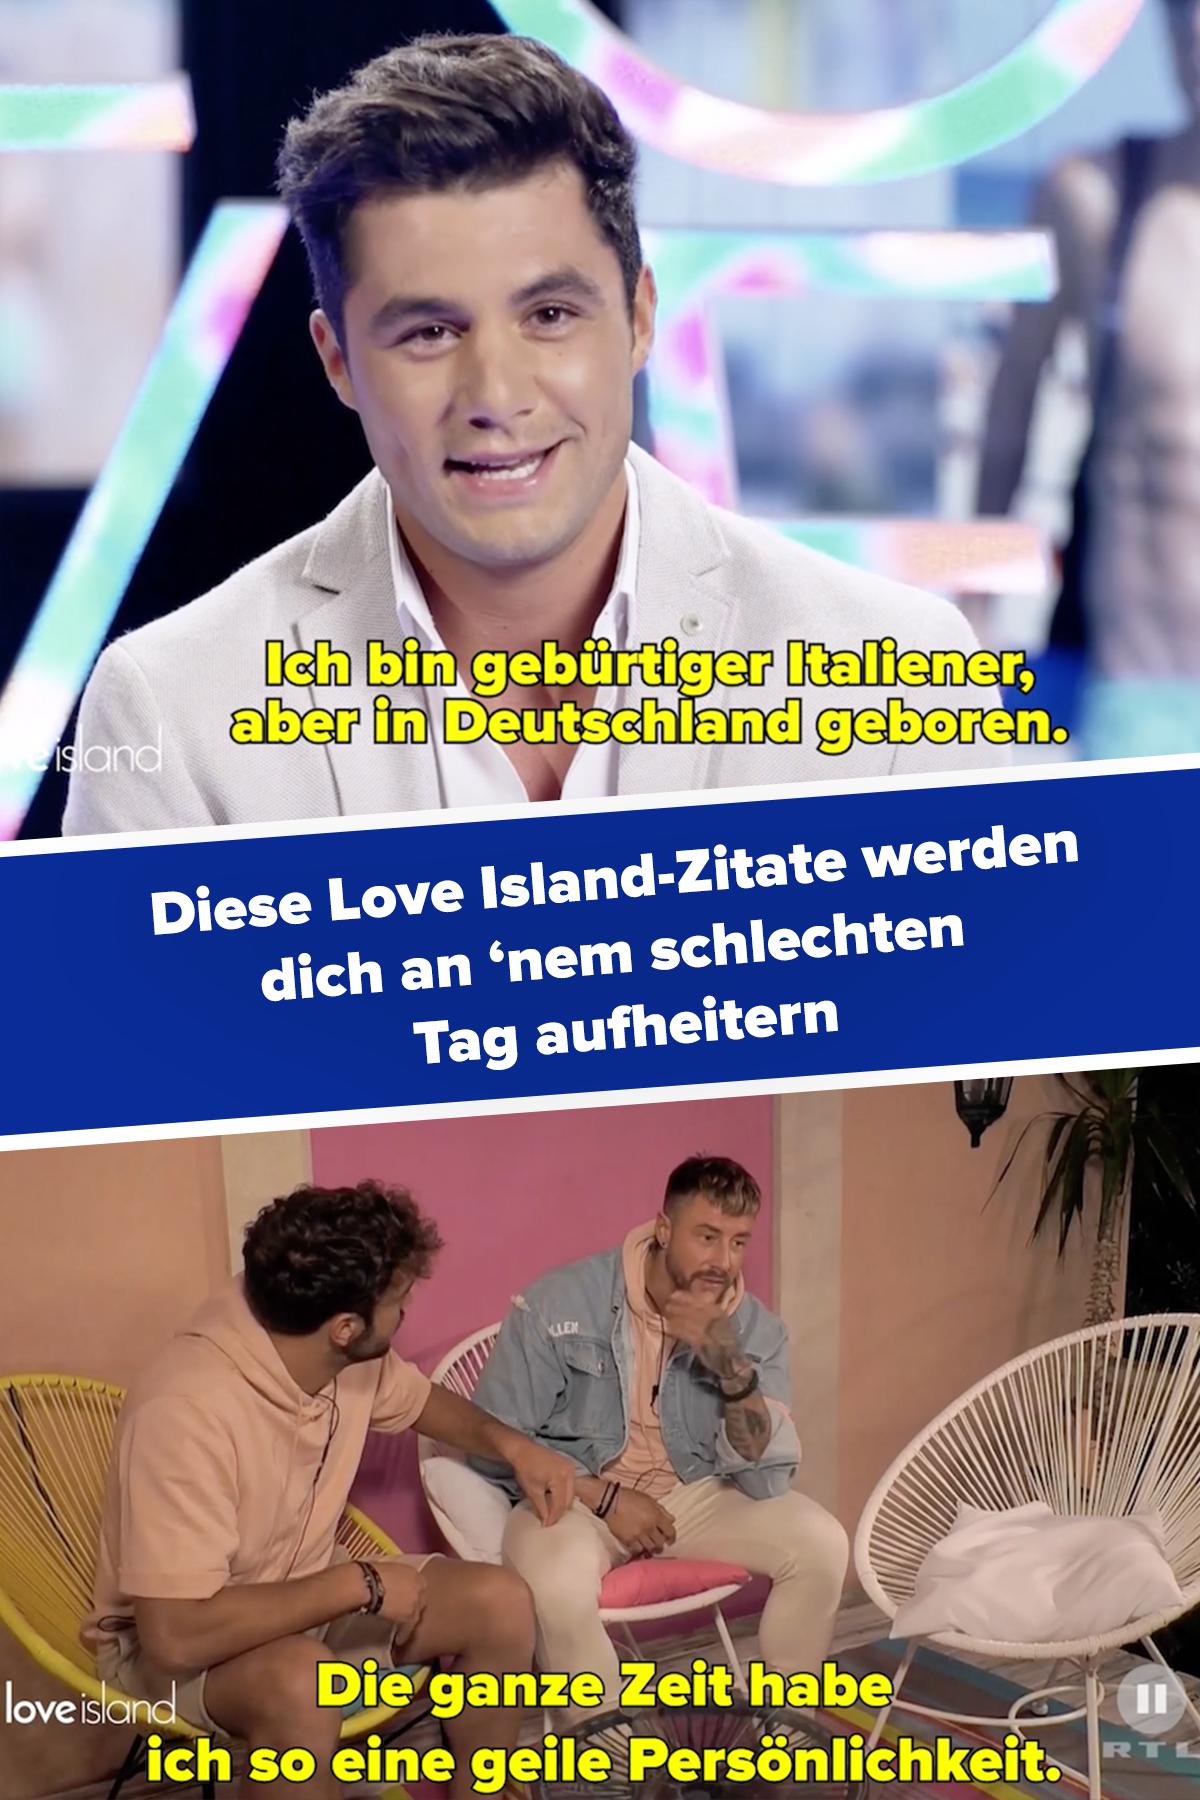 Hast Du Nen Schlechten Tag Denk Dran Was Leute Bei Love Island In Die Laufende Kamera Erzahlen Toller Korper Erzahlen Zitate